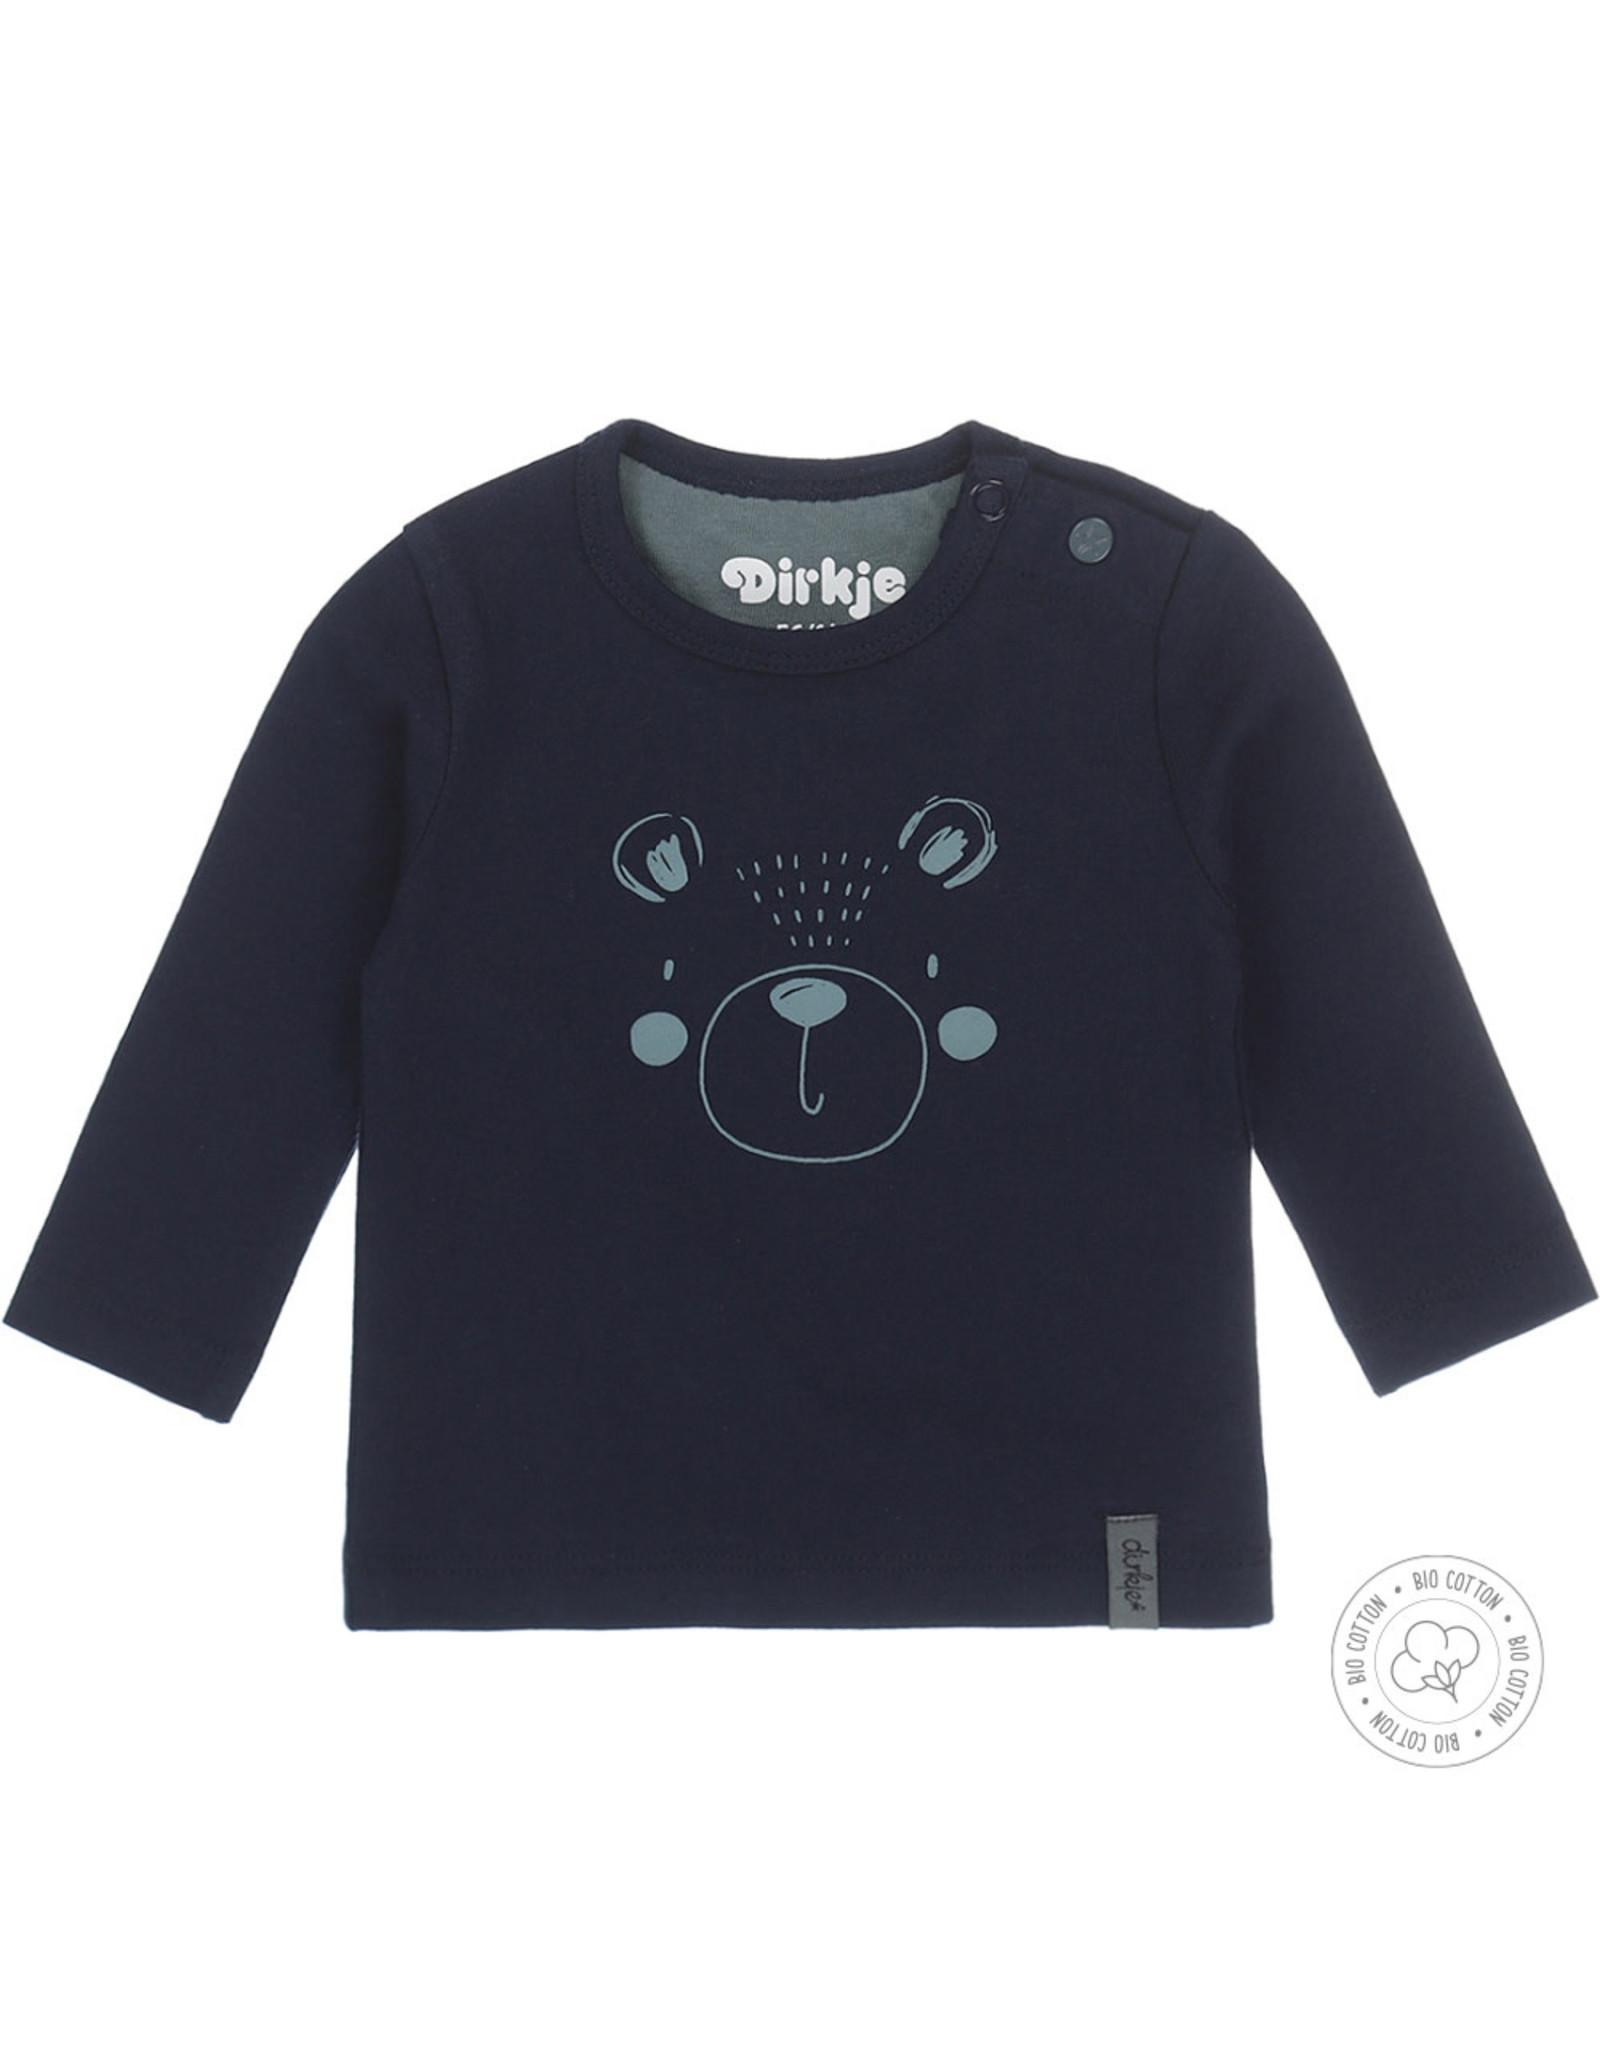 Dirkje Dirkje baby jongens newborn shirt Bear Navy